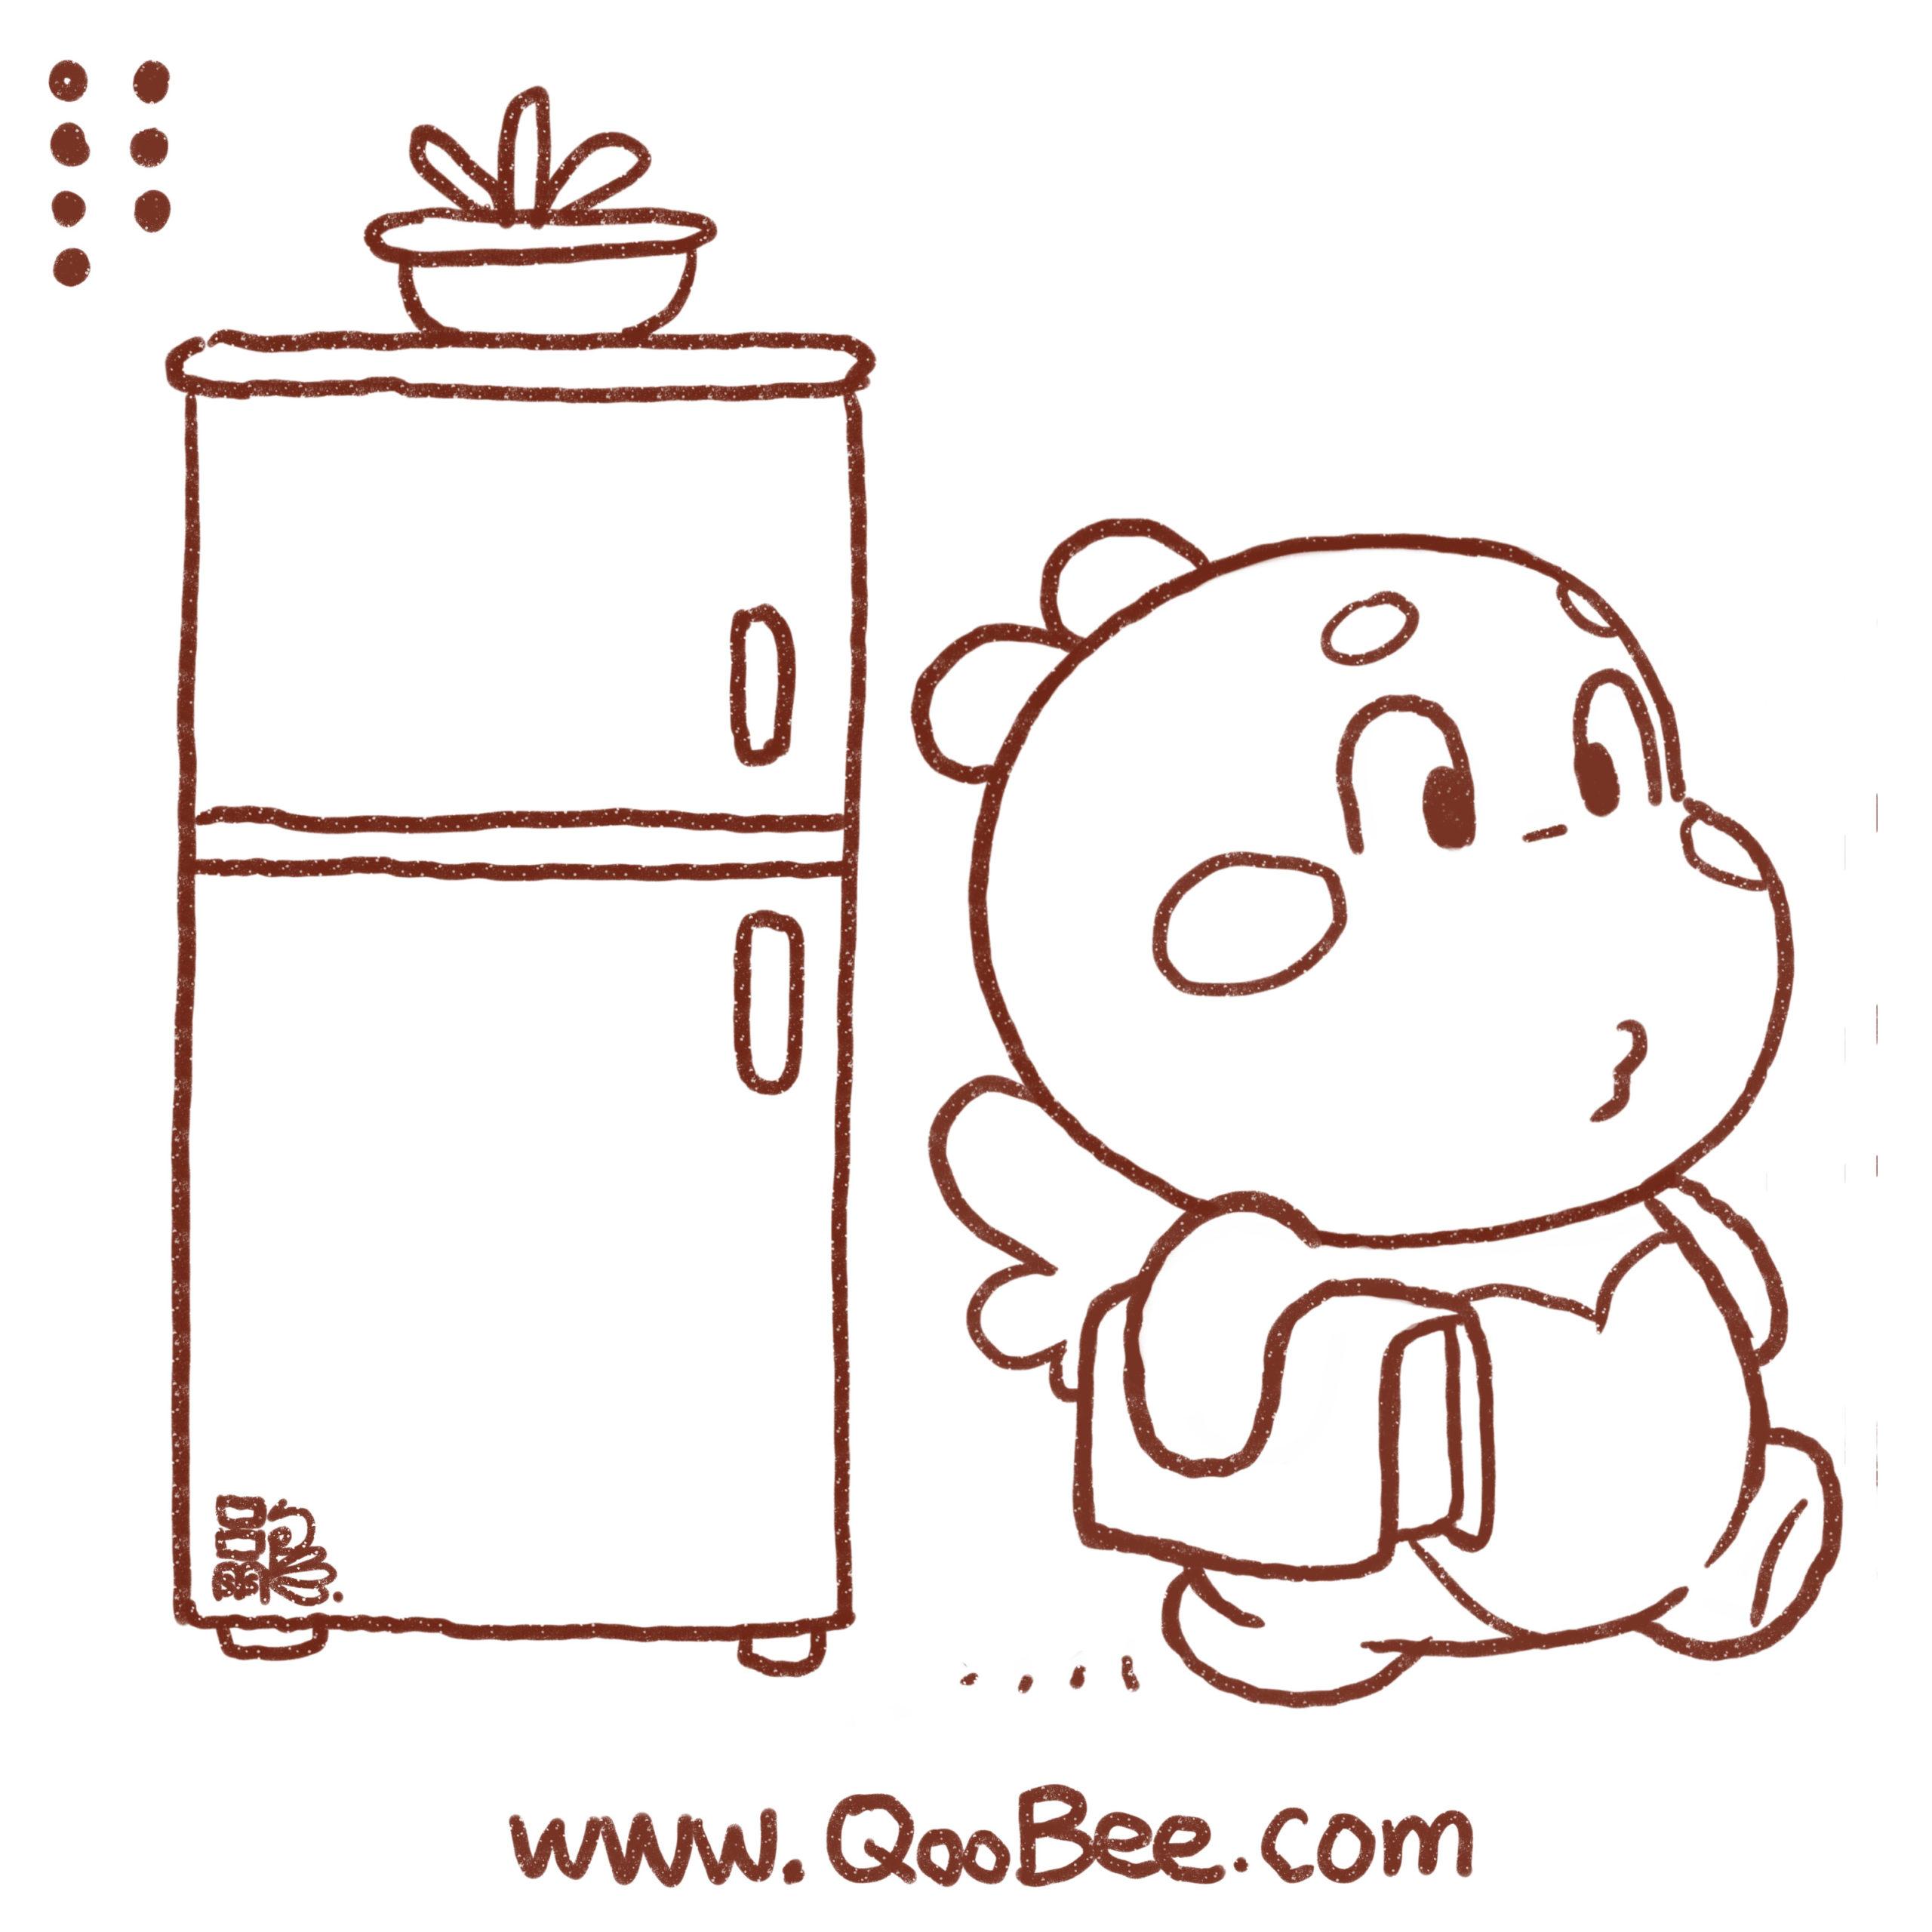 Qoobee comic 090519 7